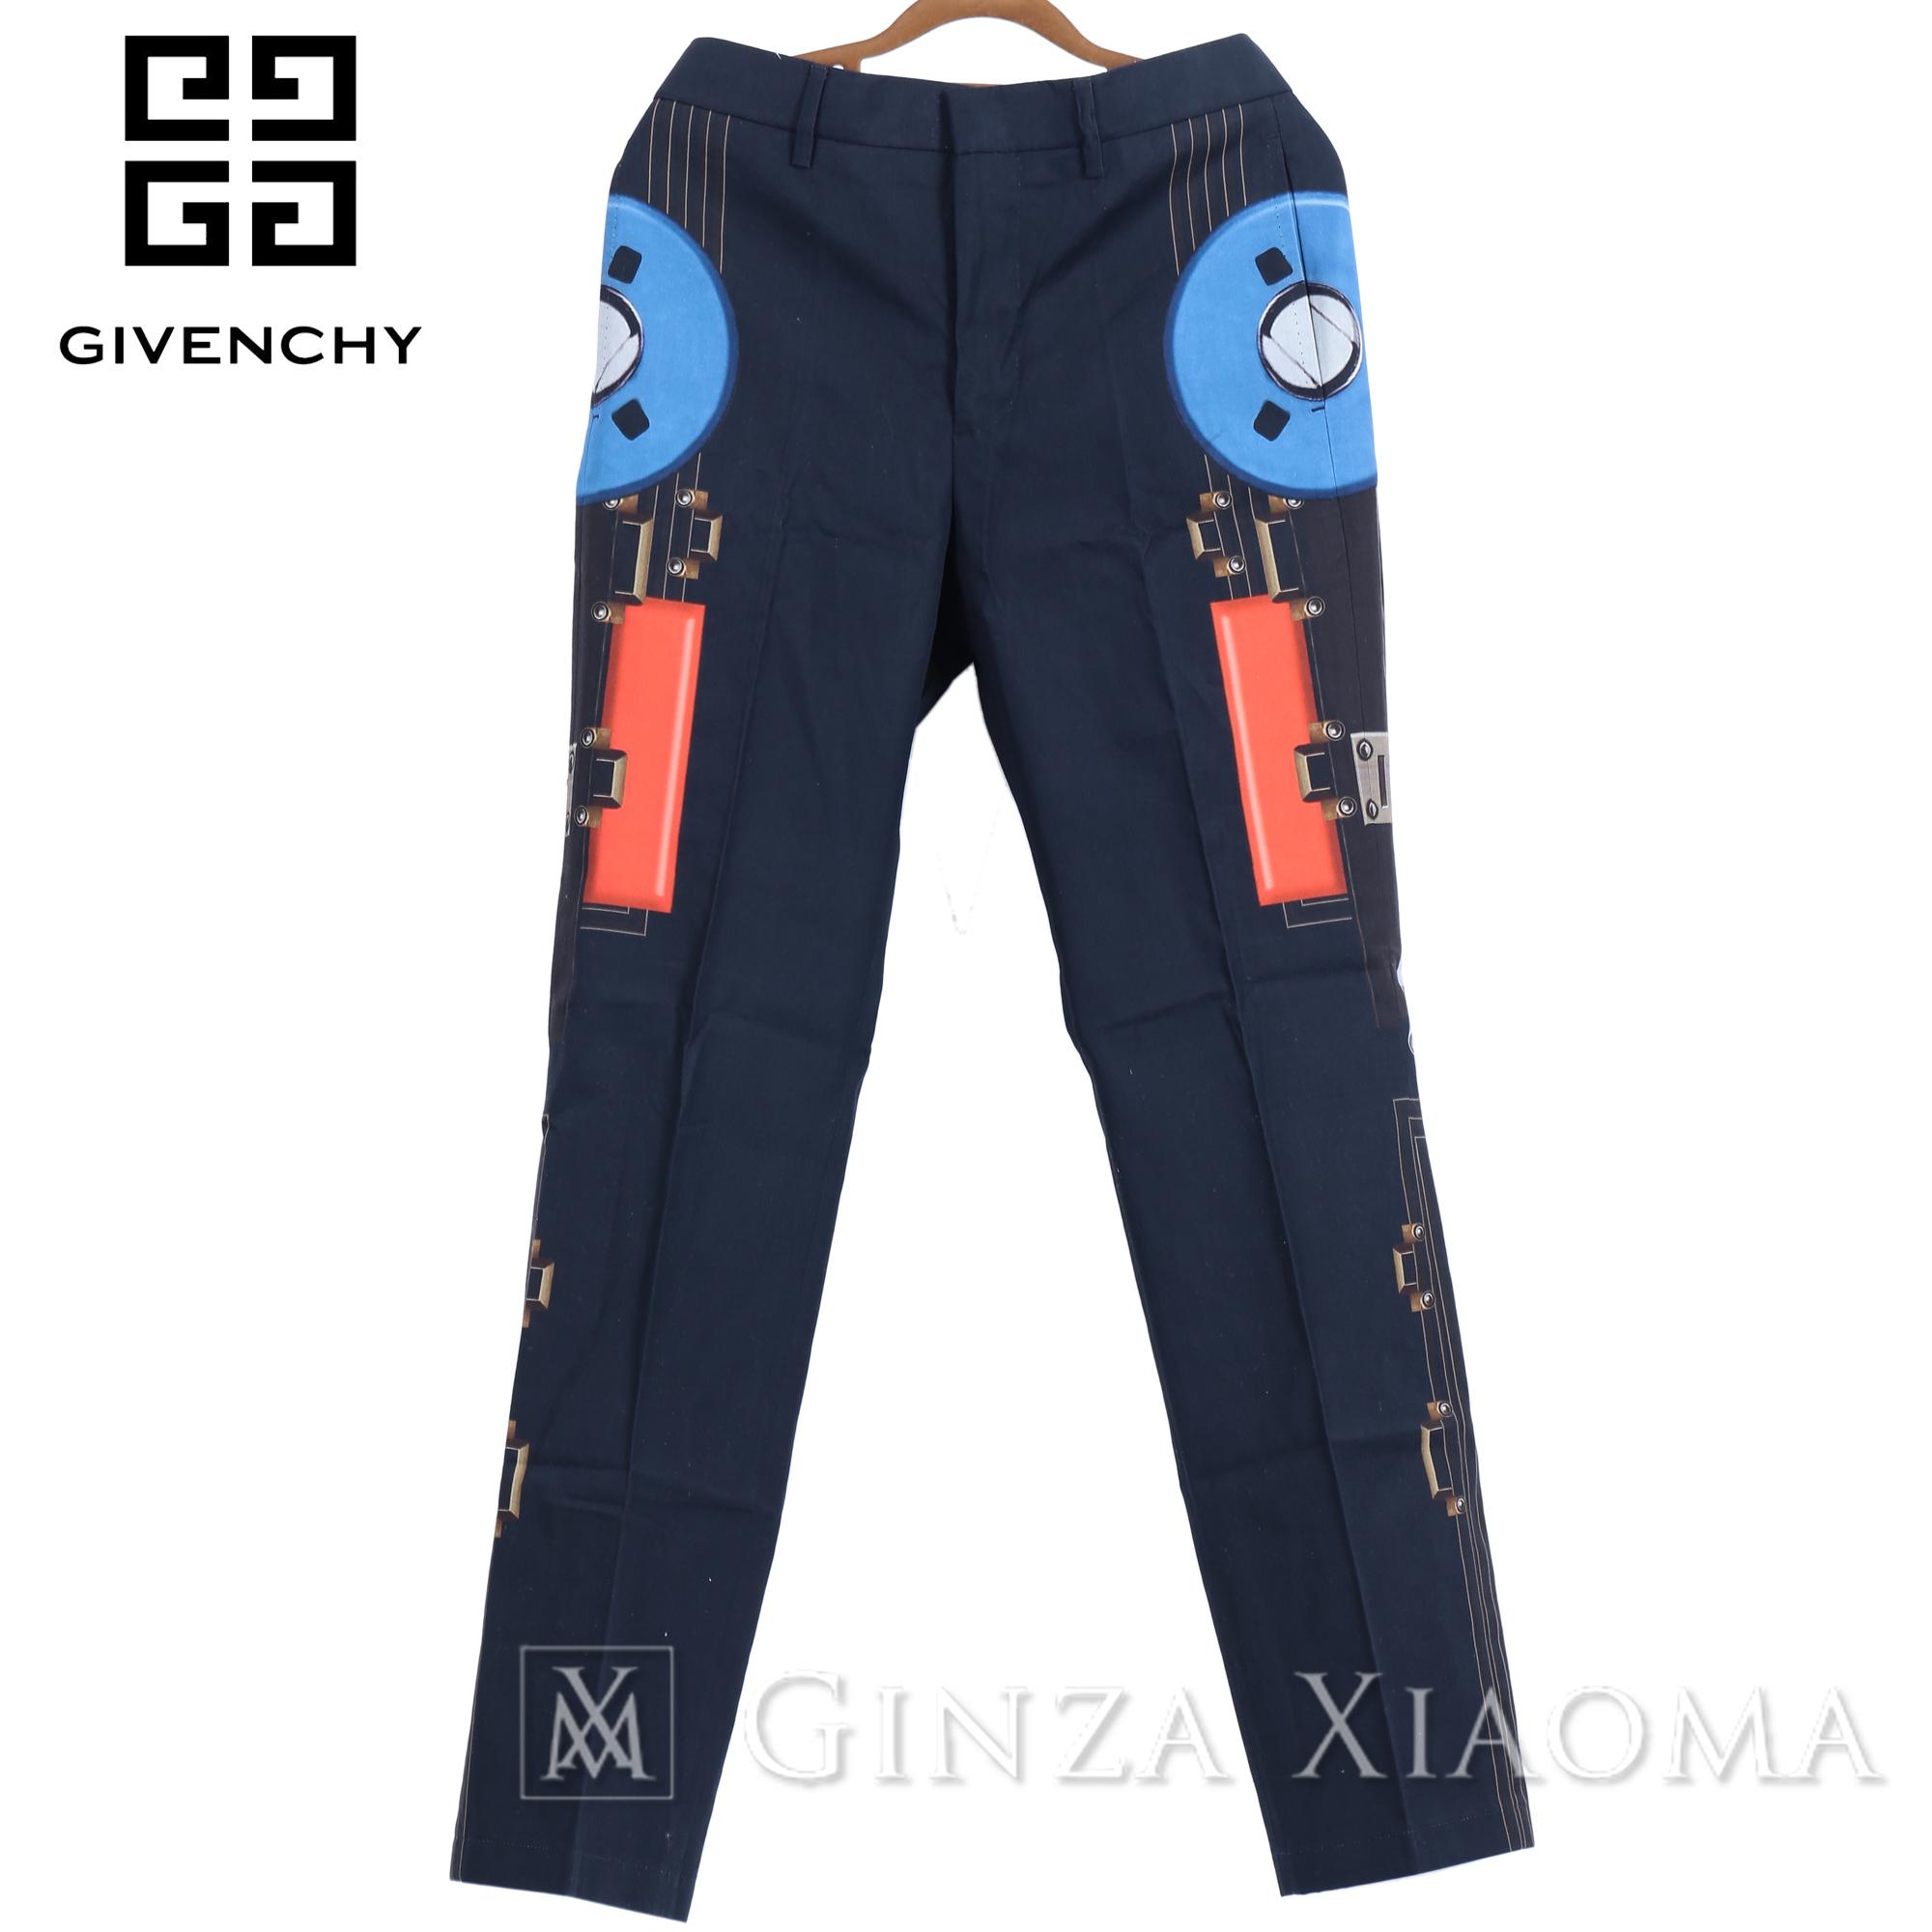 【未使用】GIVENCHY ジバンシィ スラックス パンツ コットン ブラック パンツ メンズ 柄 シングル オールシーズン デザイン 中古